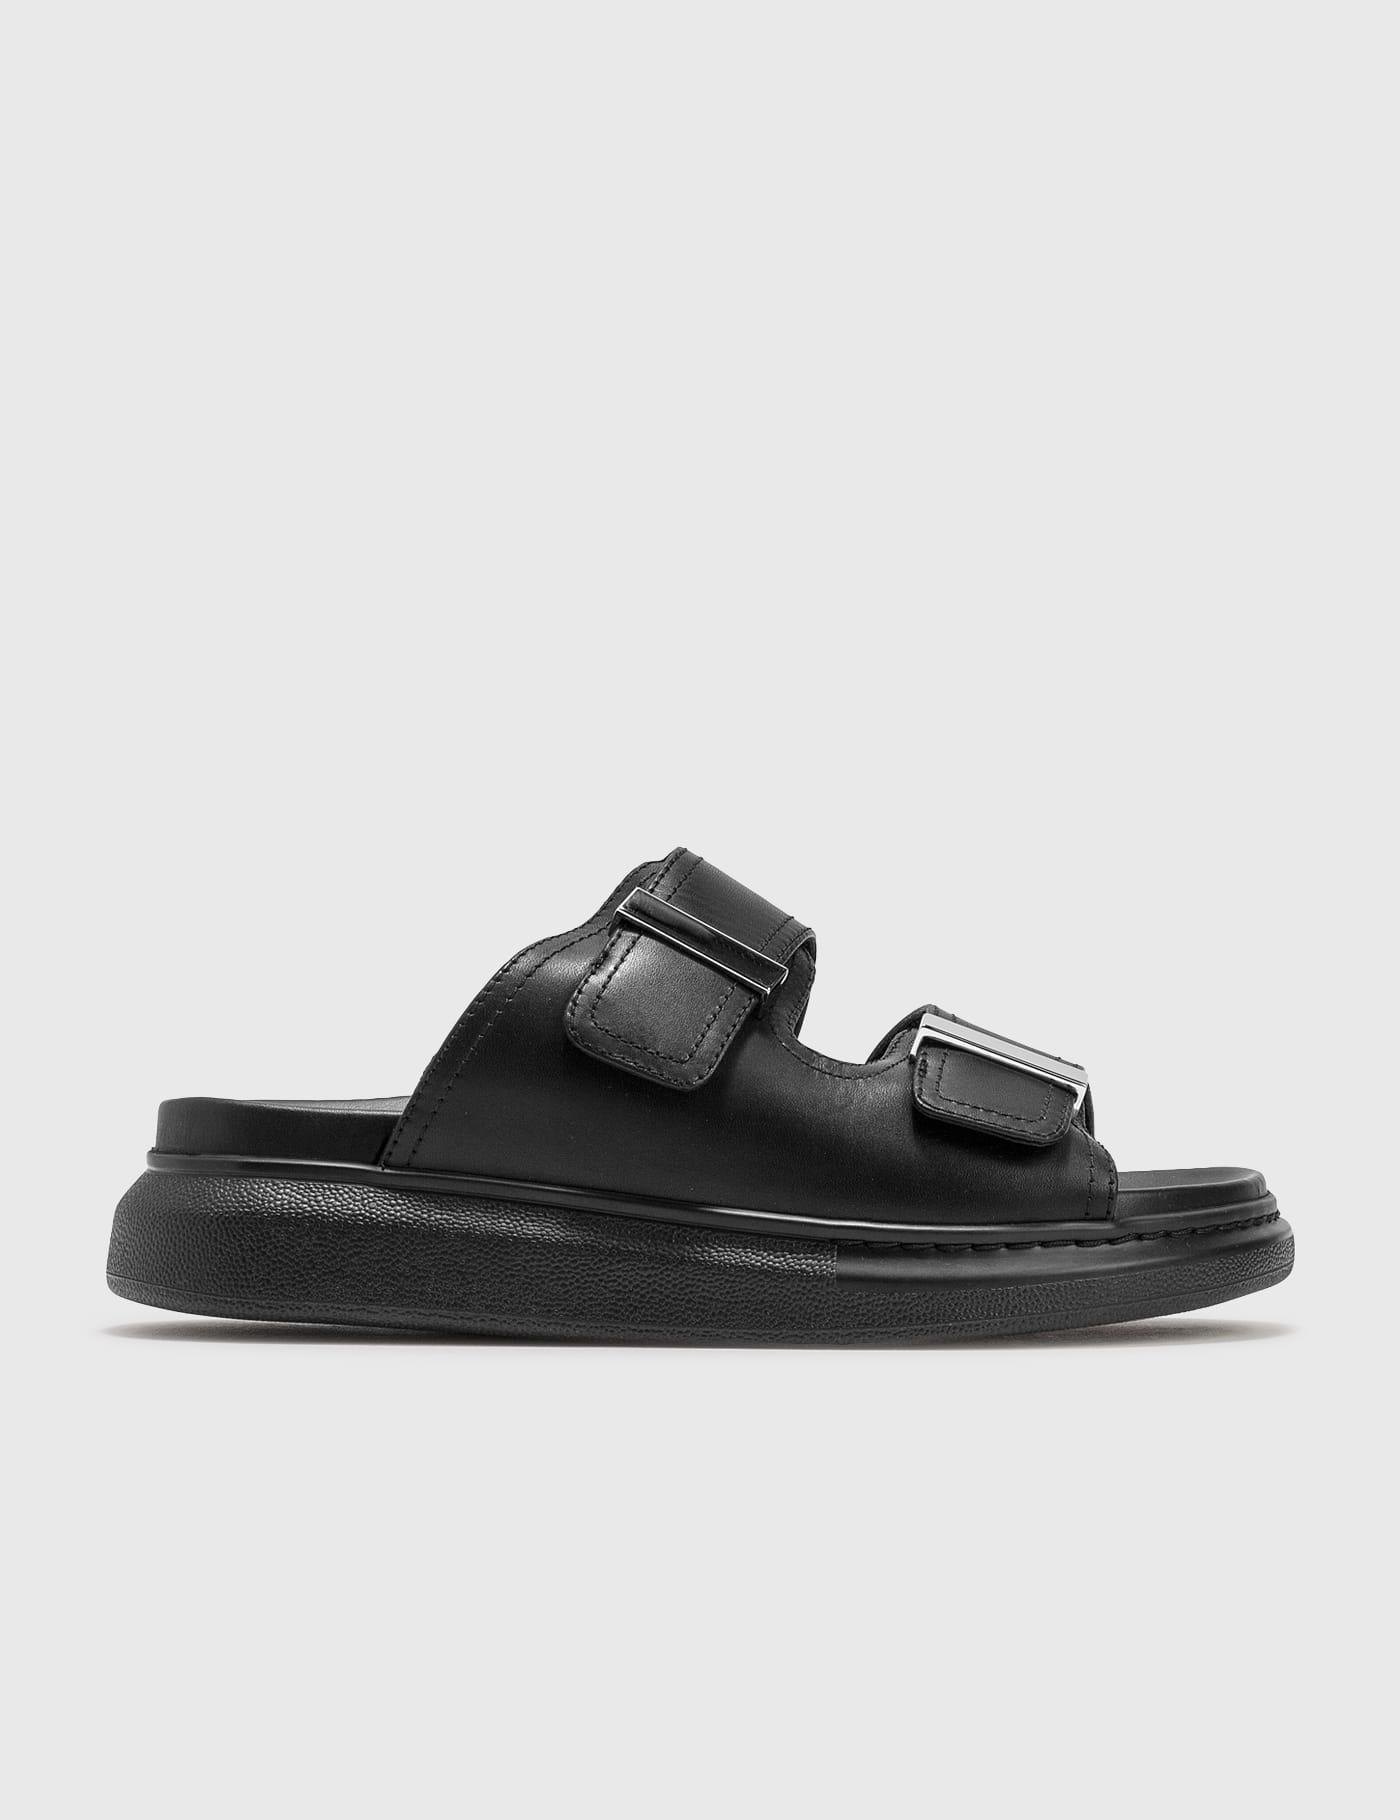 알렉산더 맥퀸 Alexander McQueen Hybrid Sandals